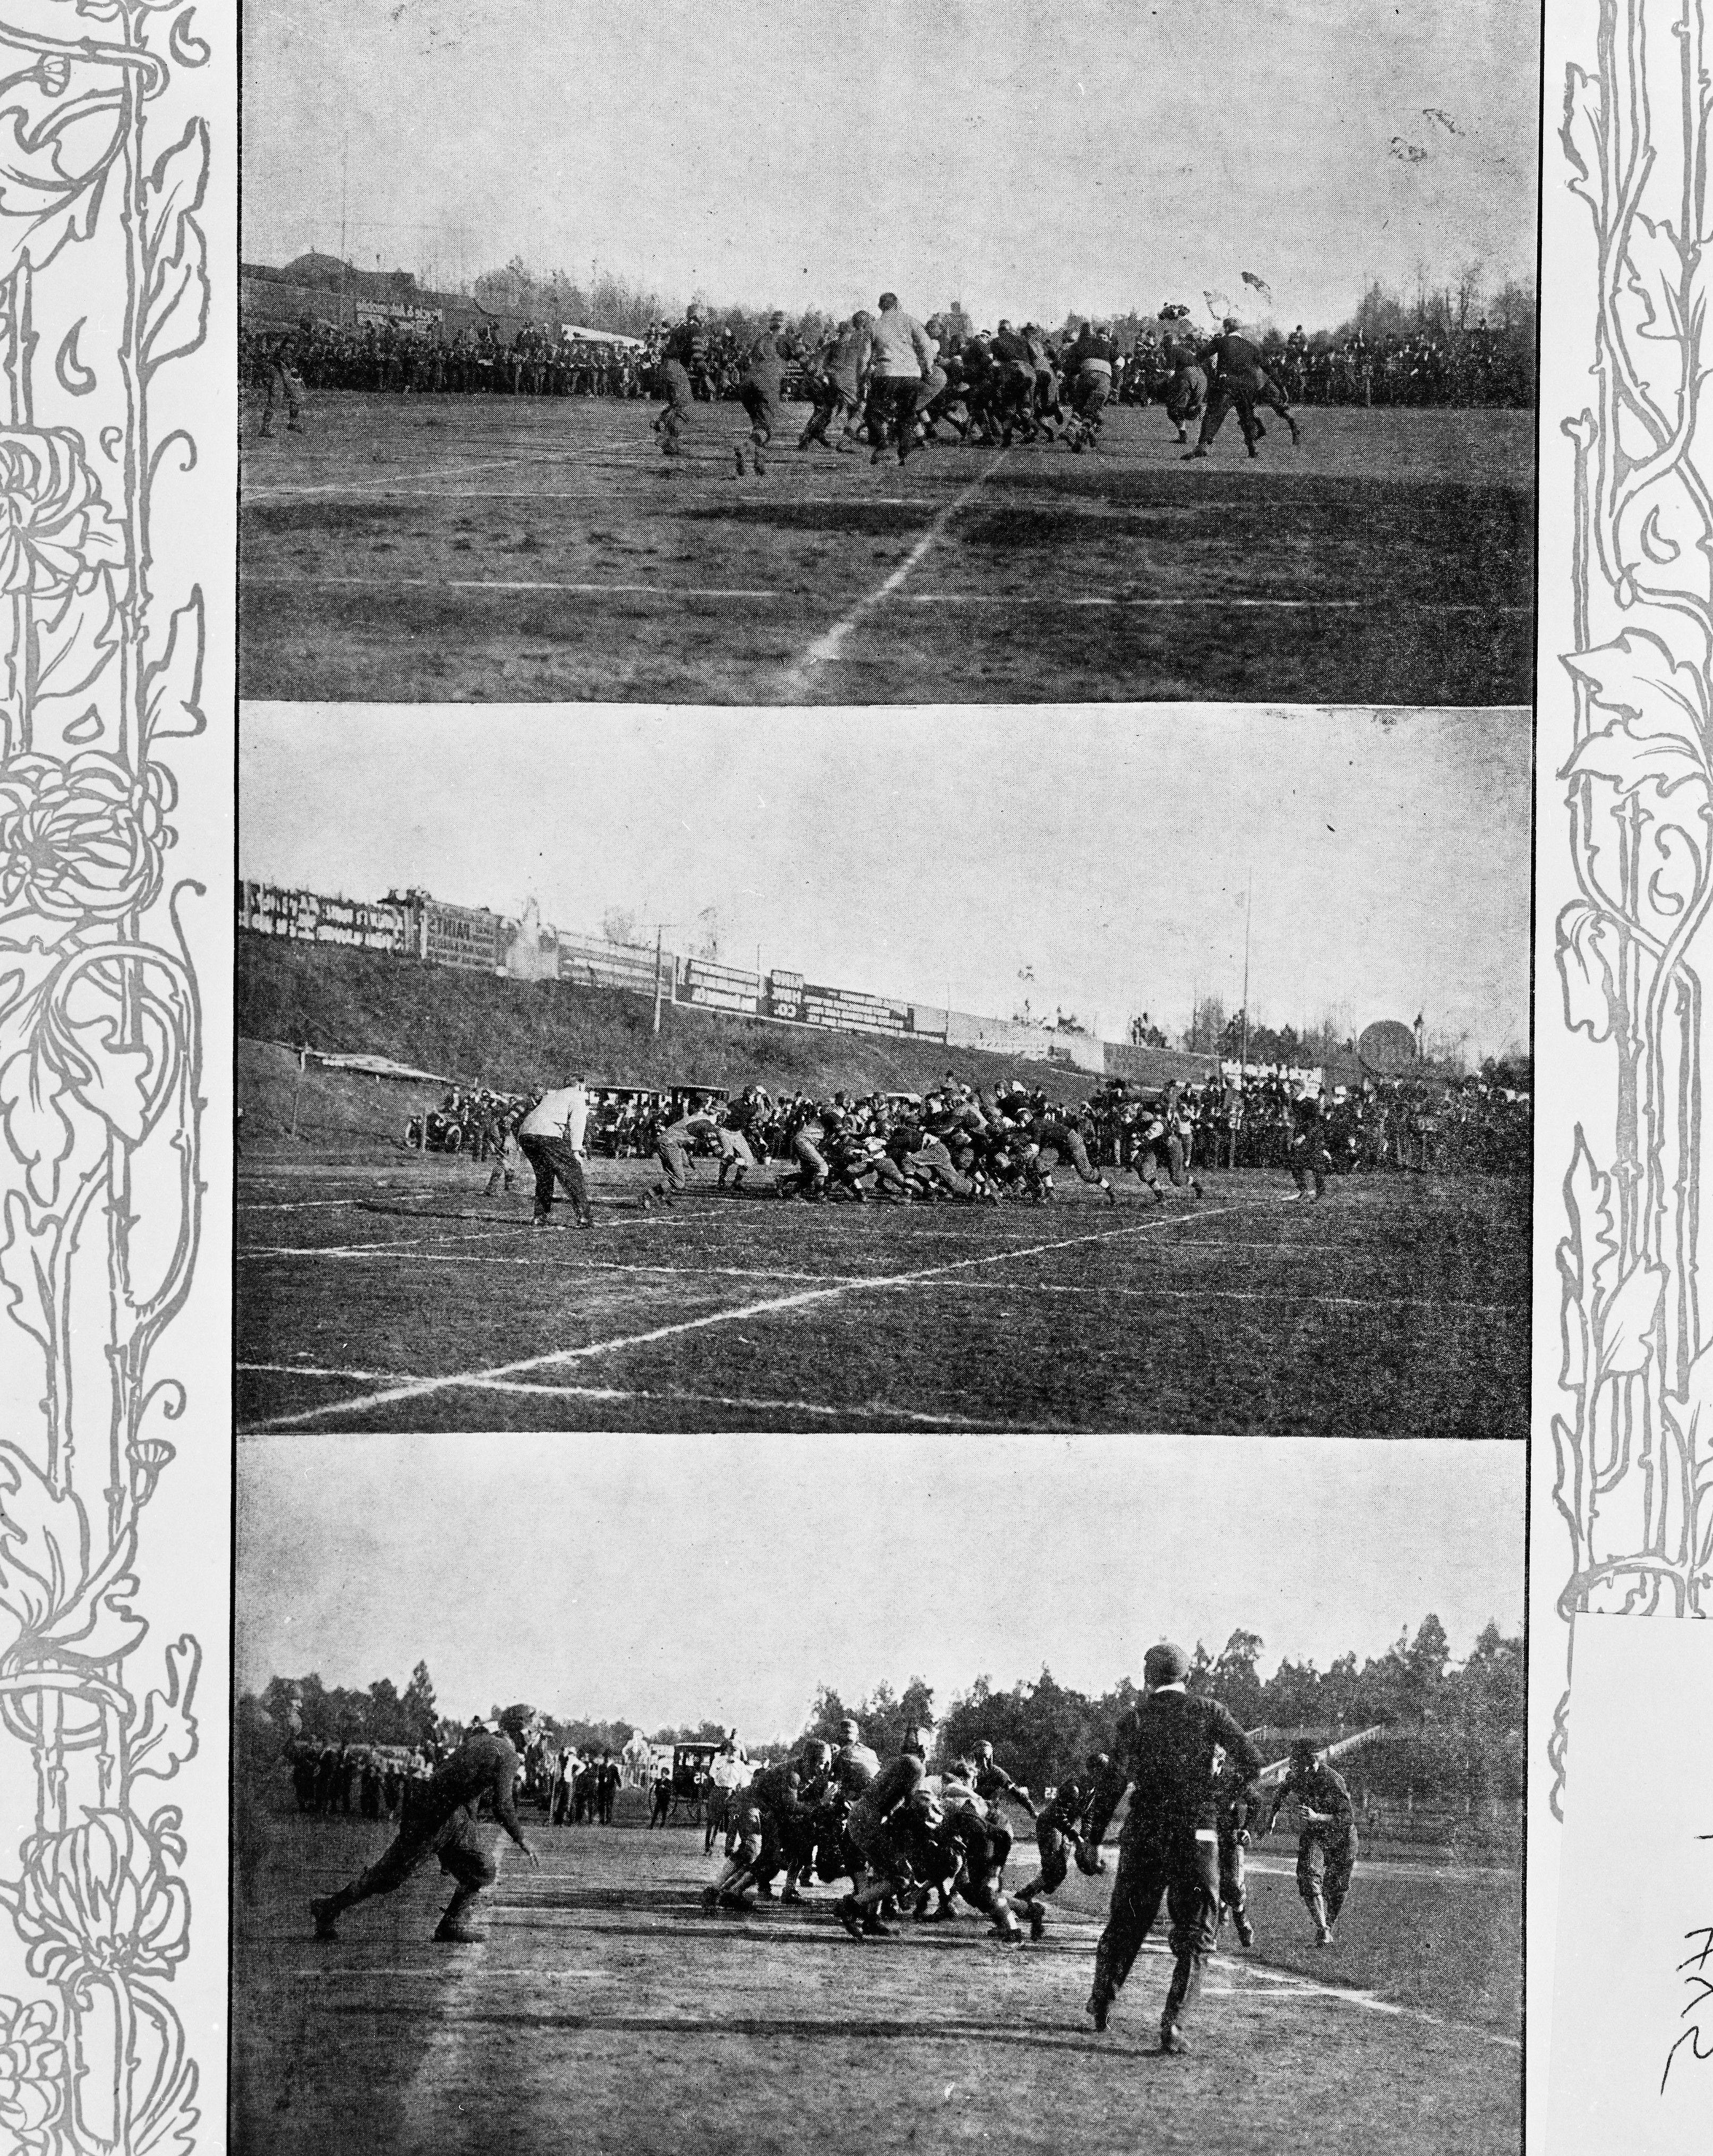 Tech Football photo from 1909 Tech